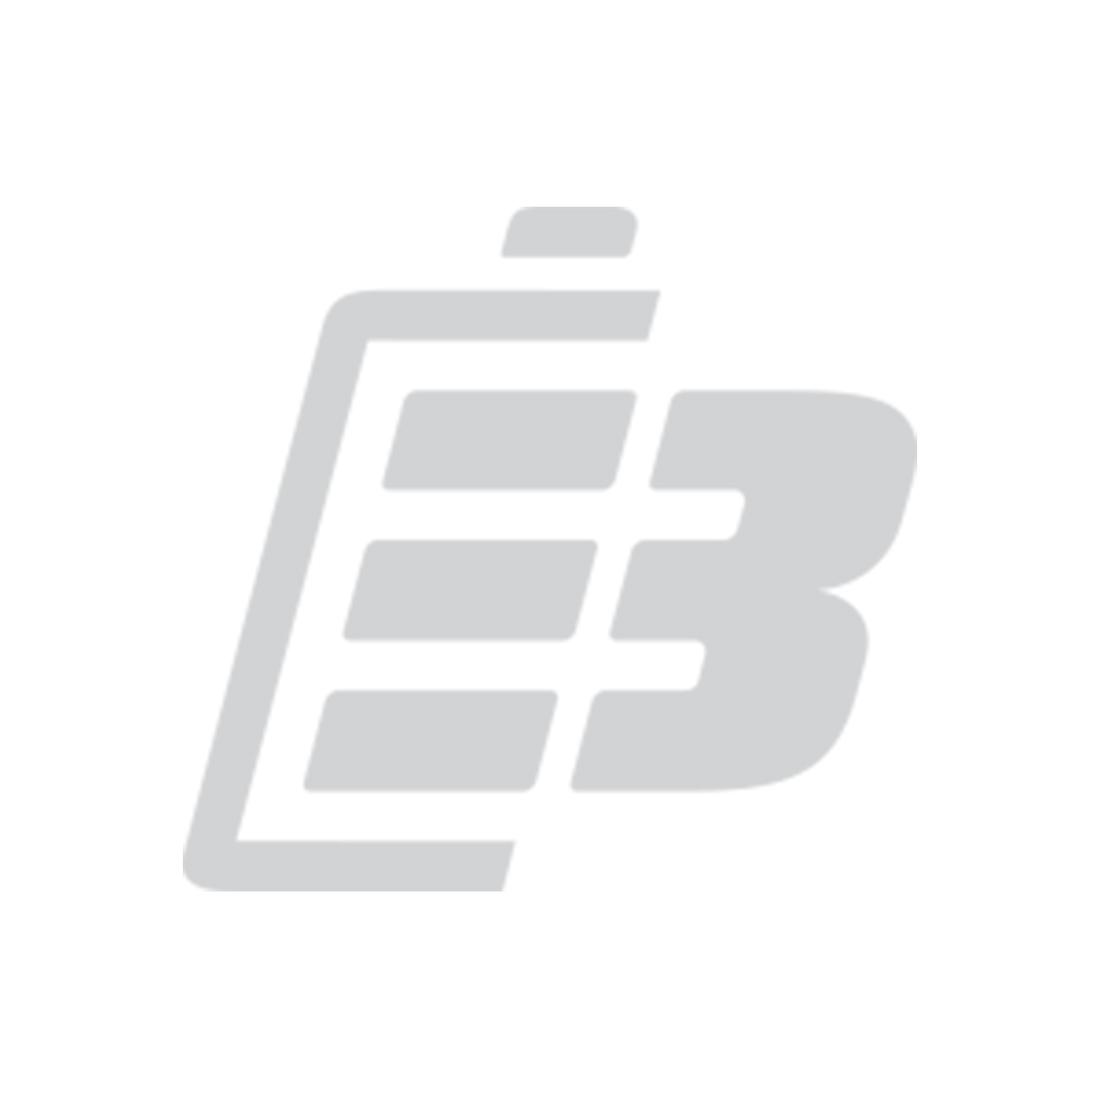 Μπαταρια ασυρματου ποντικιου Sony VGP-BMS77_1